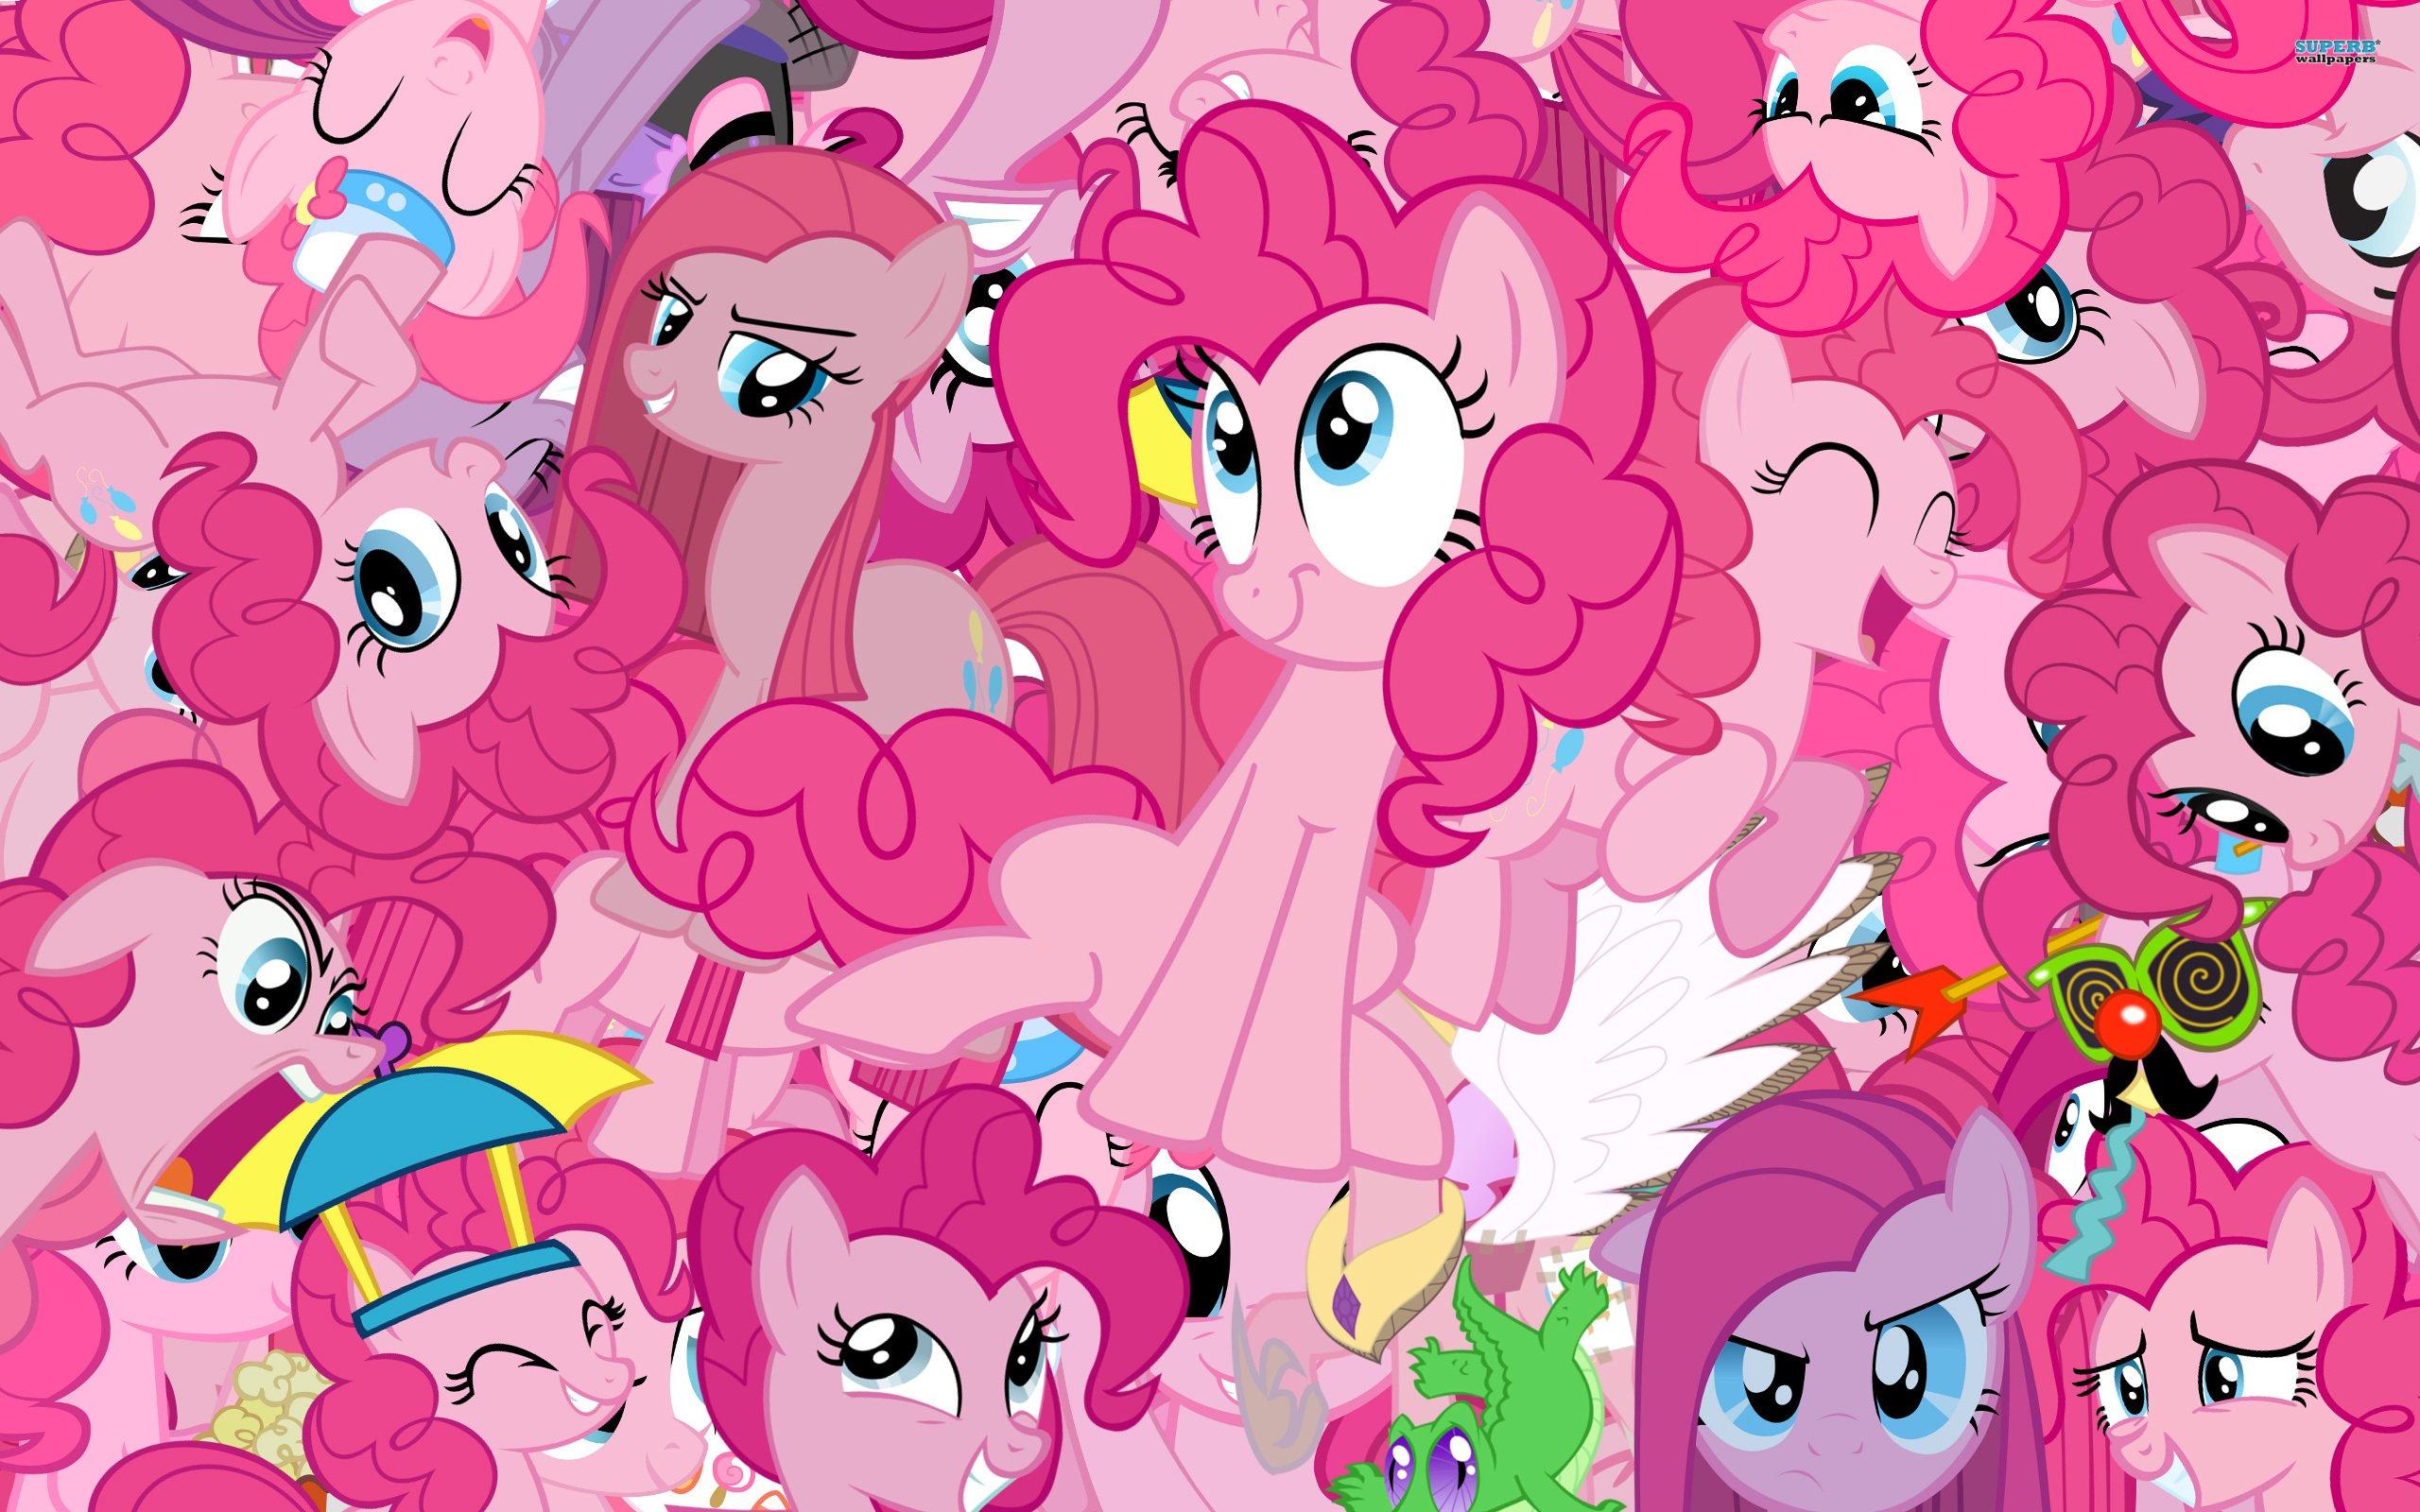 C днем рождения надоедливое розовое создание ! Поздравим Pinkie Pie с днюхой !. - Изображение 1